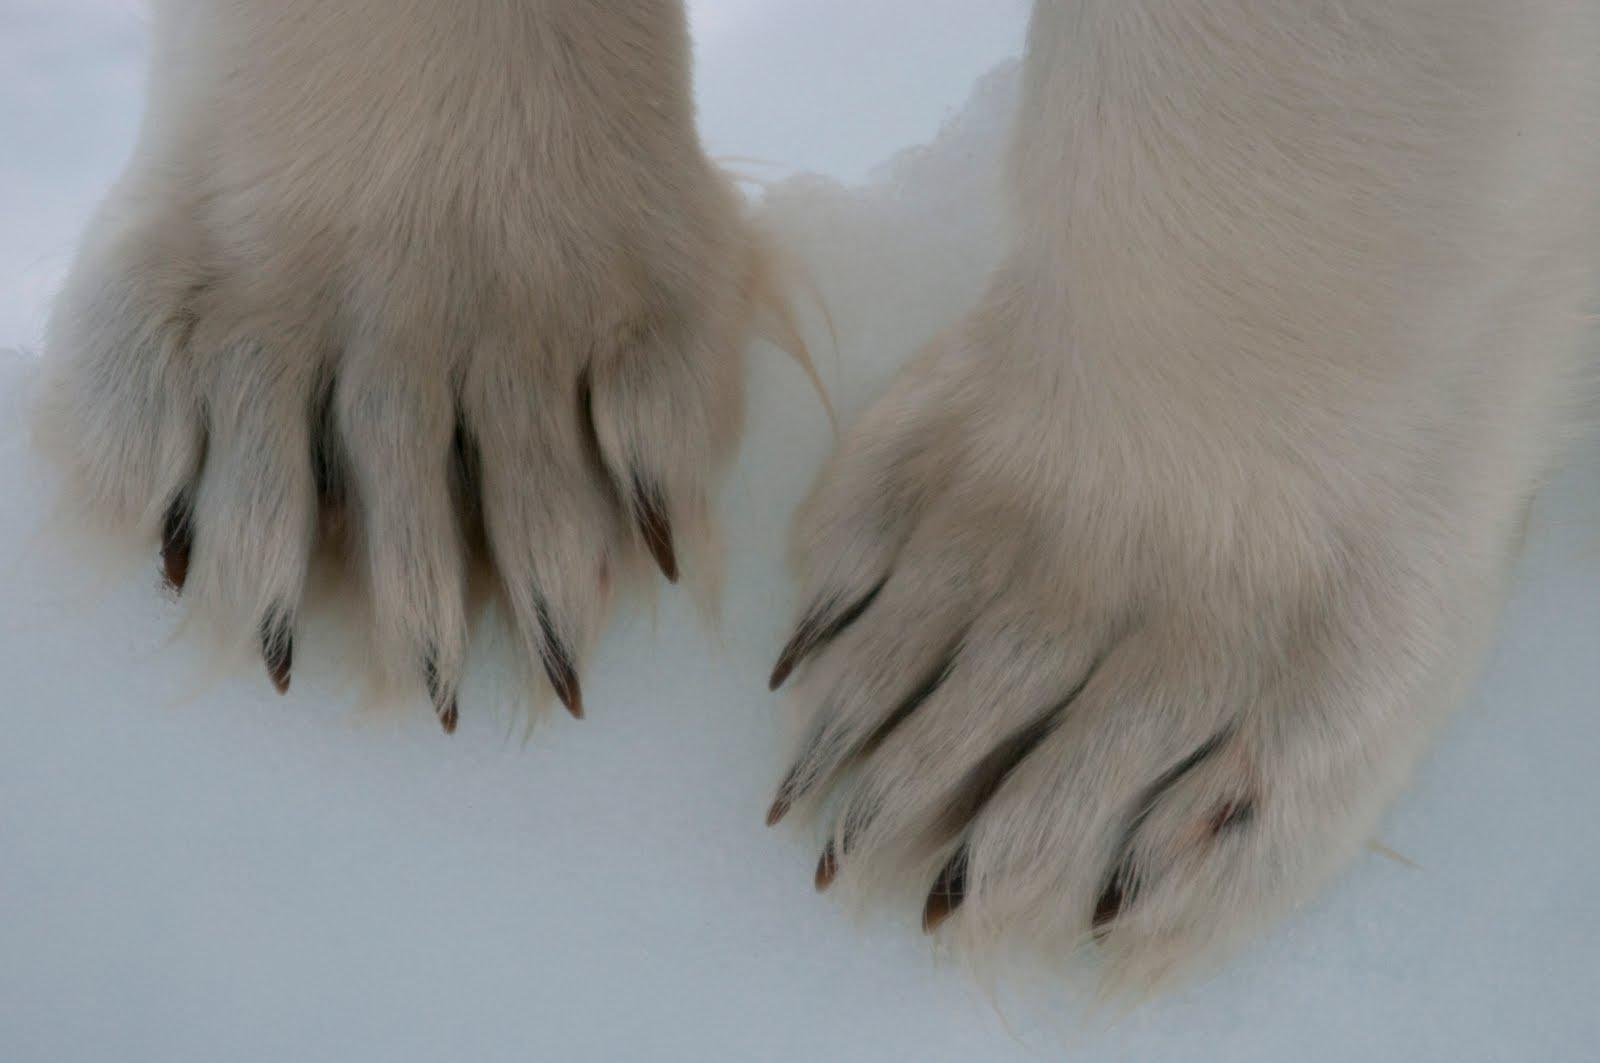 Polar bear claws - photo#24